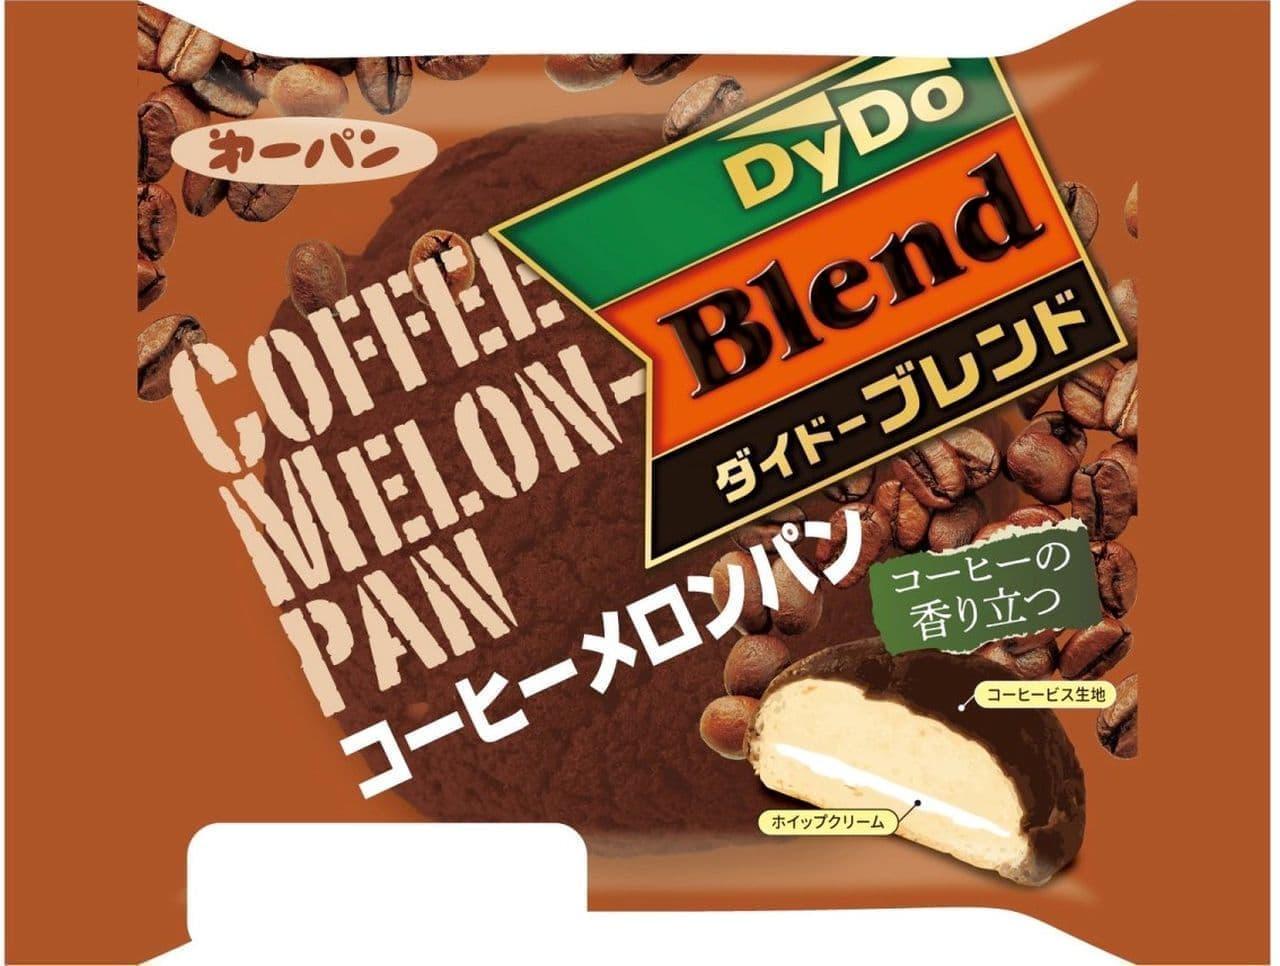 コラボパン「ダイドーブレンド コーヒーメロンパン」